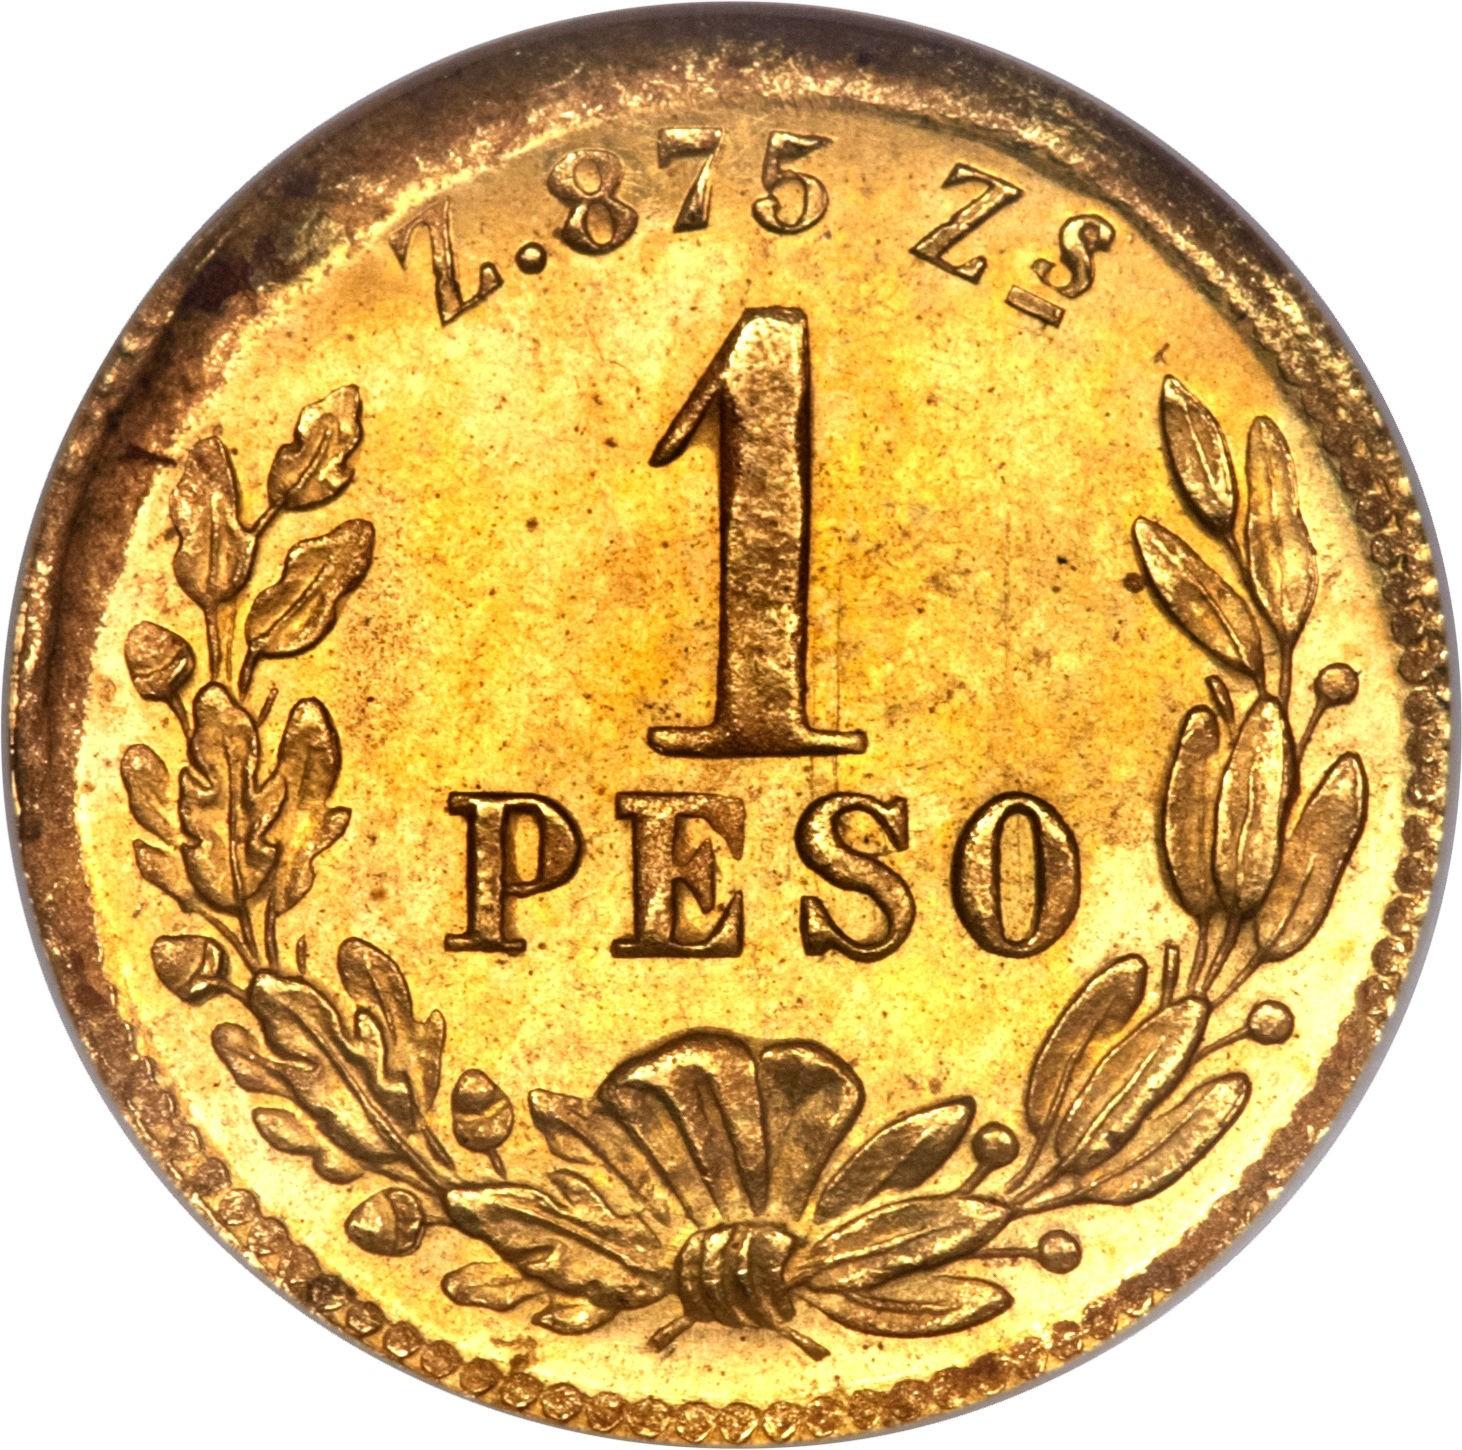 Mexico 1 Peso (1870-1905)